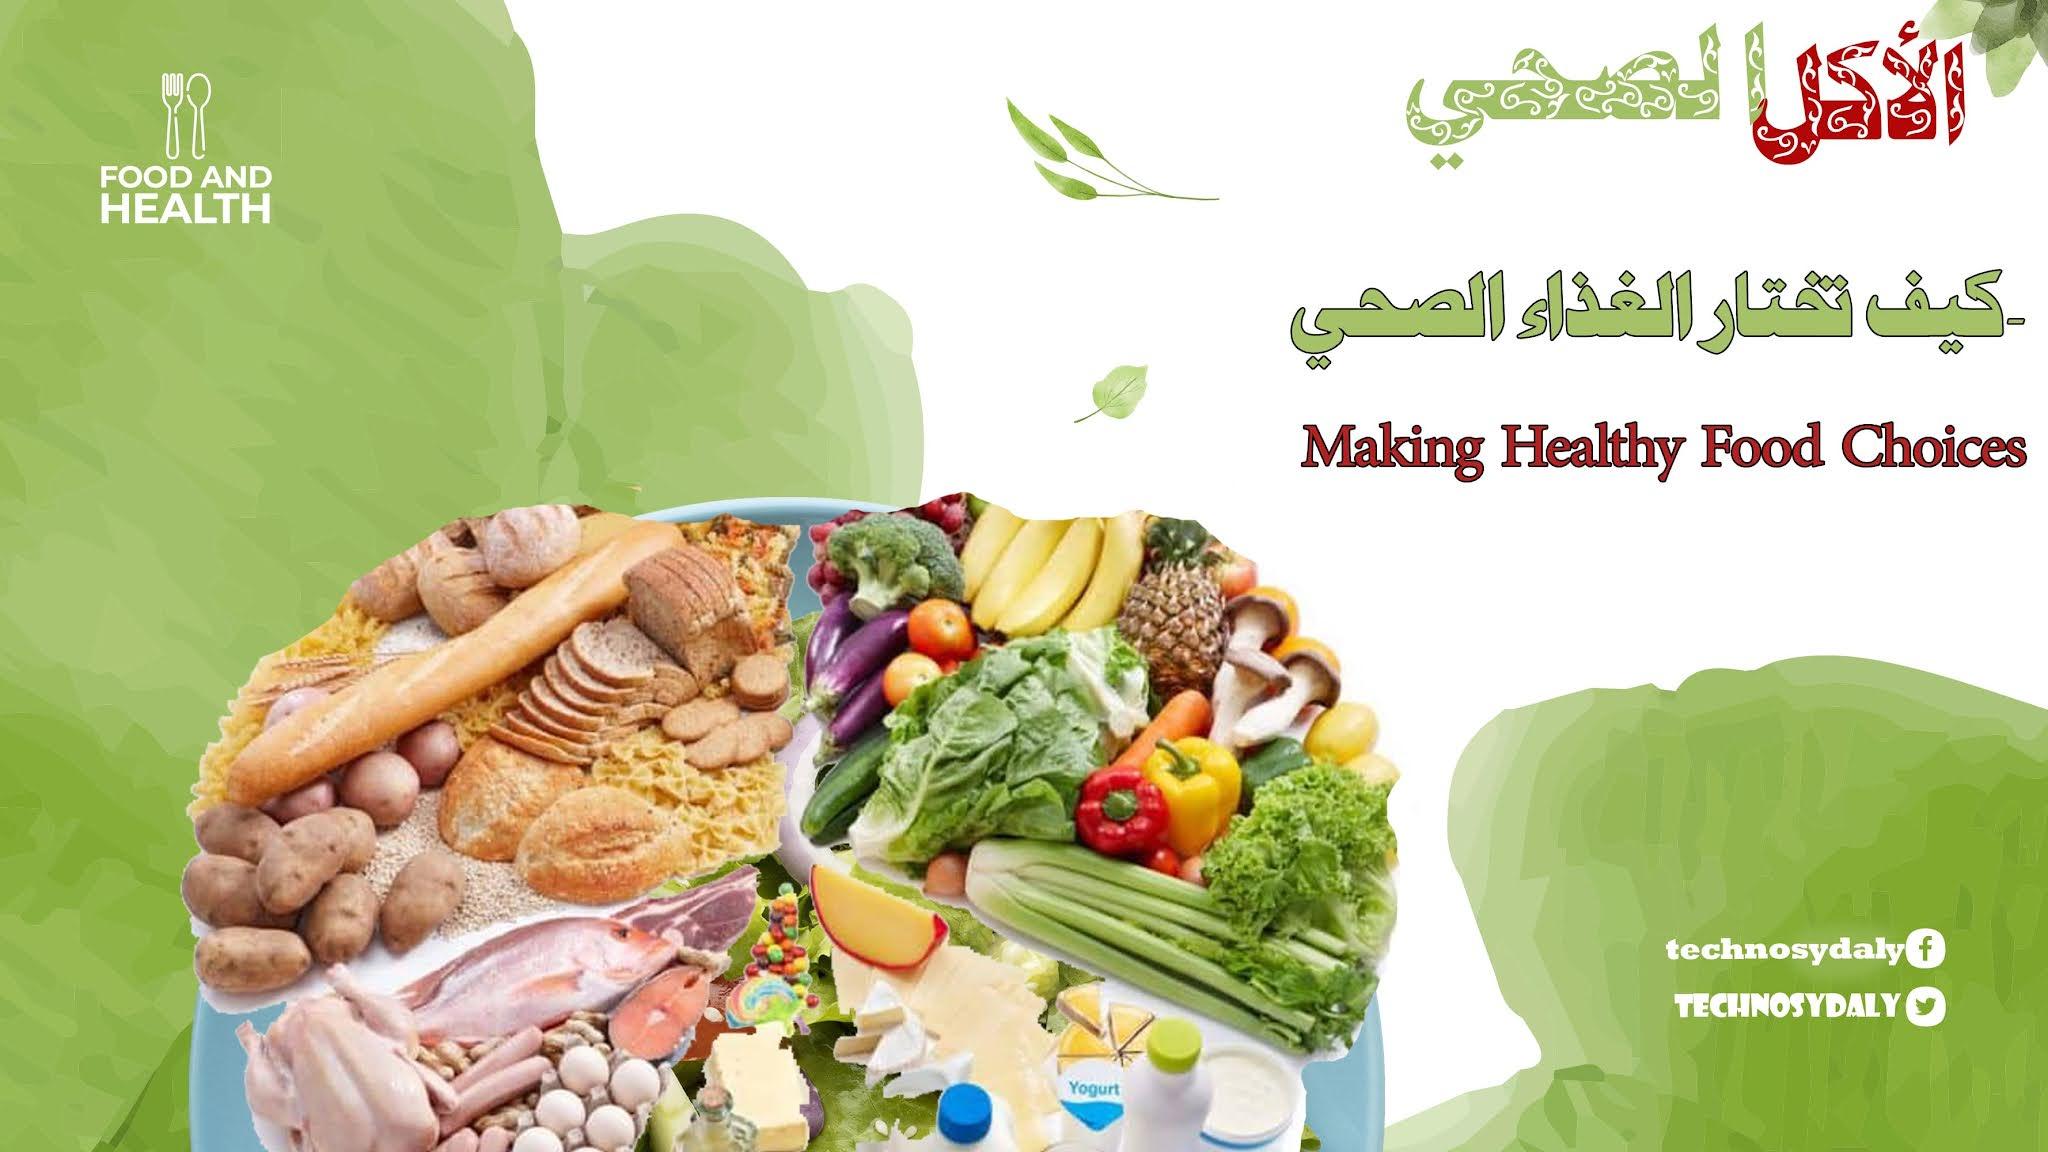 كيف تختار الغذاء الصحي-Making Healthy Food Choices